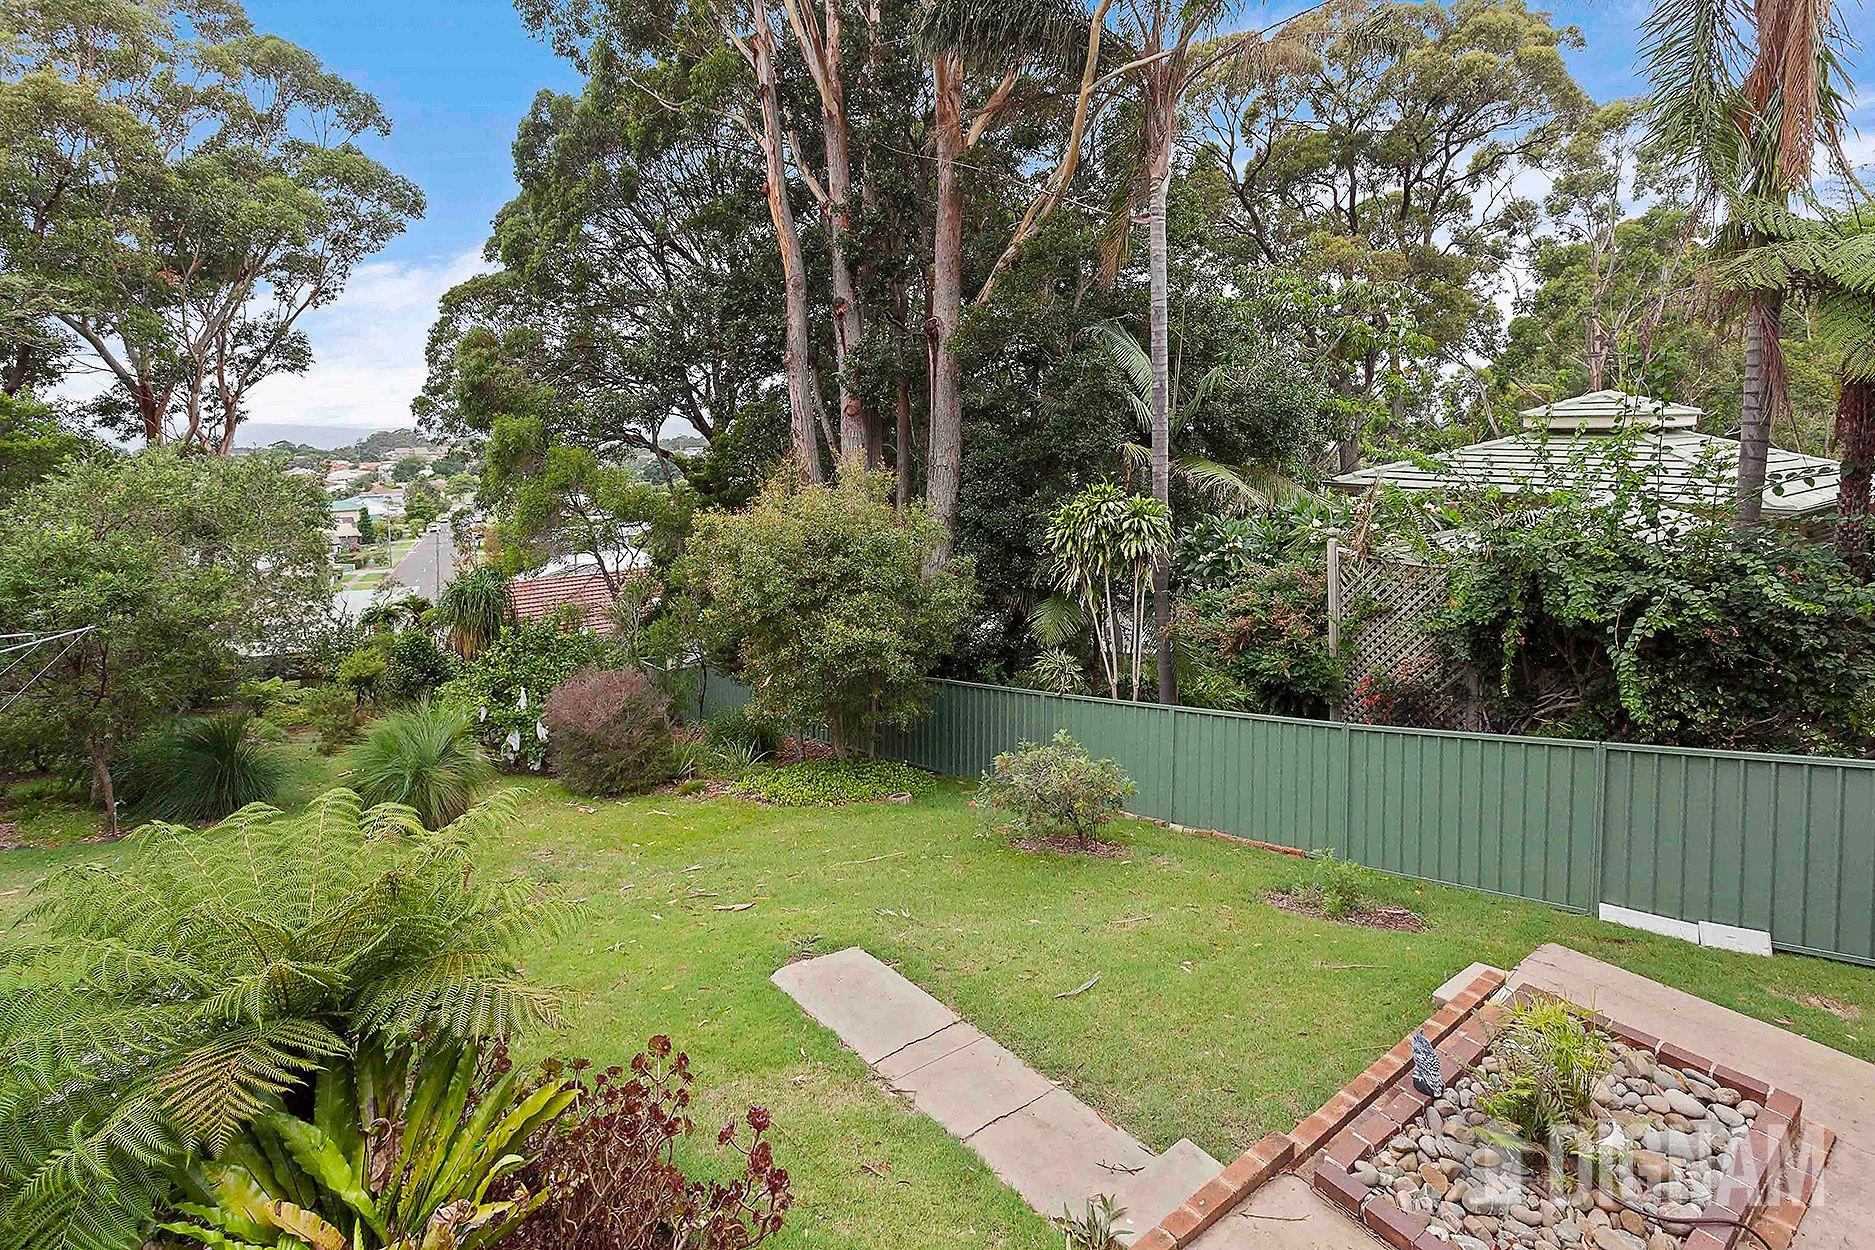 3/79 Stephen Drive, Woonona NSW